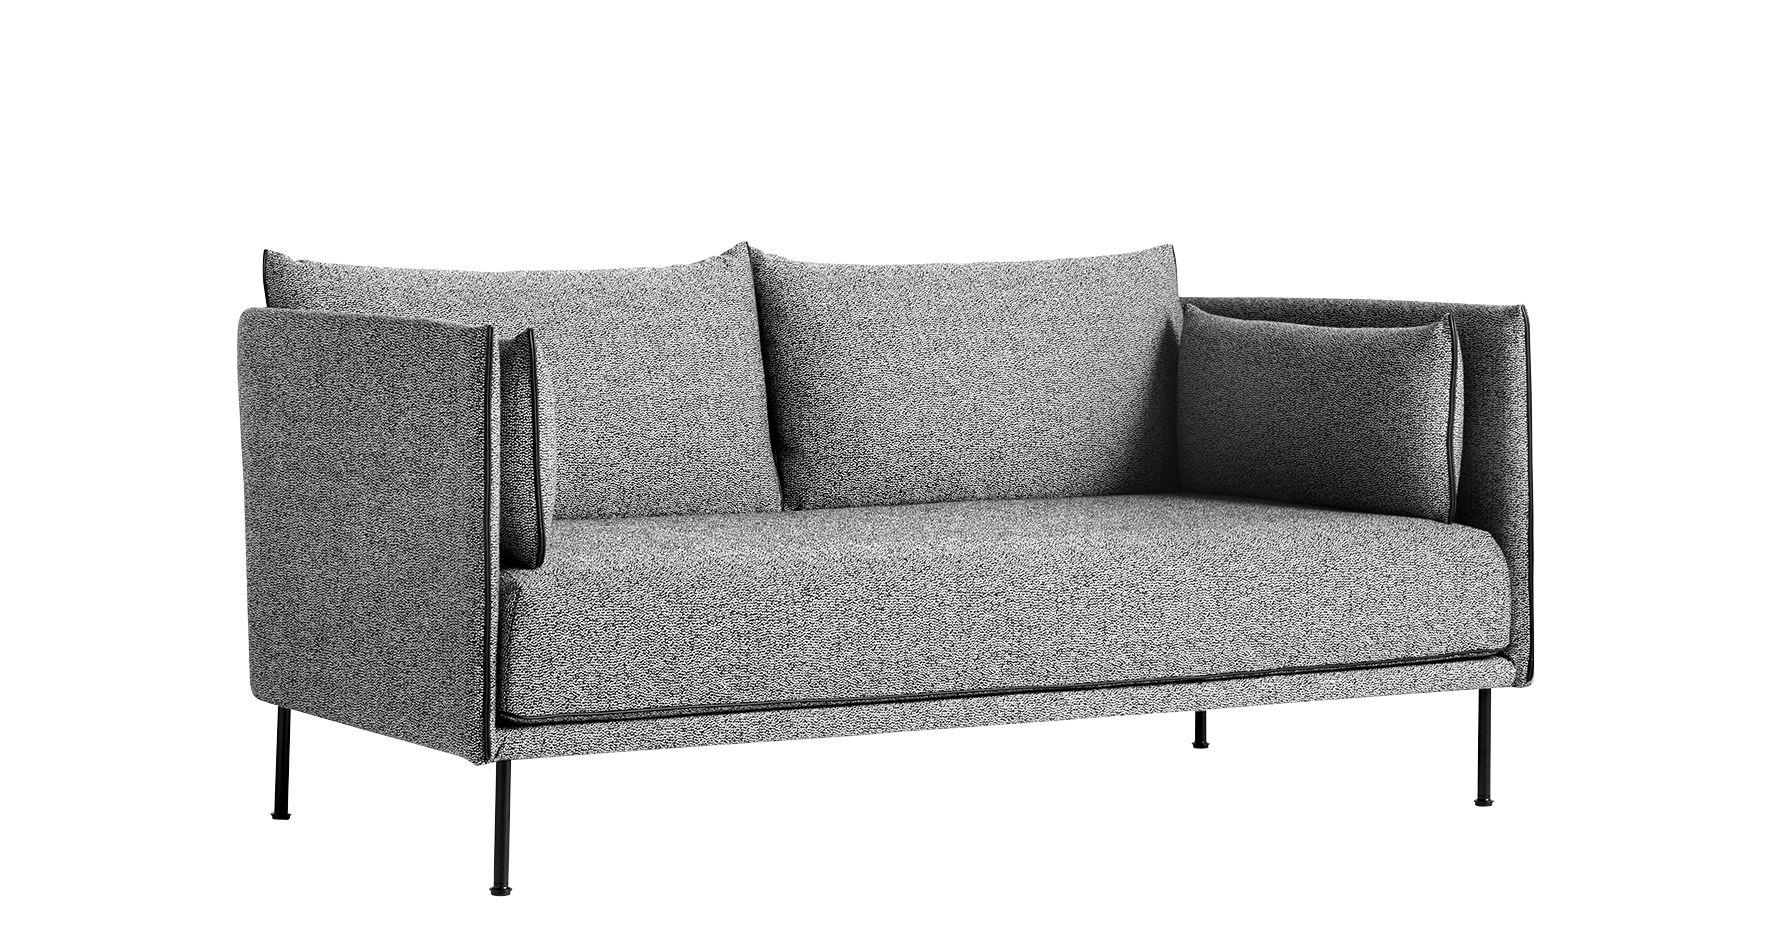 Möbel - Sofas - Silhouette Sofa / 2-Sitzer - L 171 cm - Hay - Grau / Füße schwarz - Gewebe, Glasfaser, lackierter Stahl, Leder, Plumes, Polyurethan-Schaum